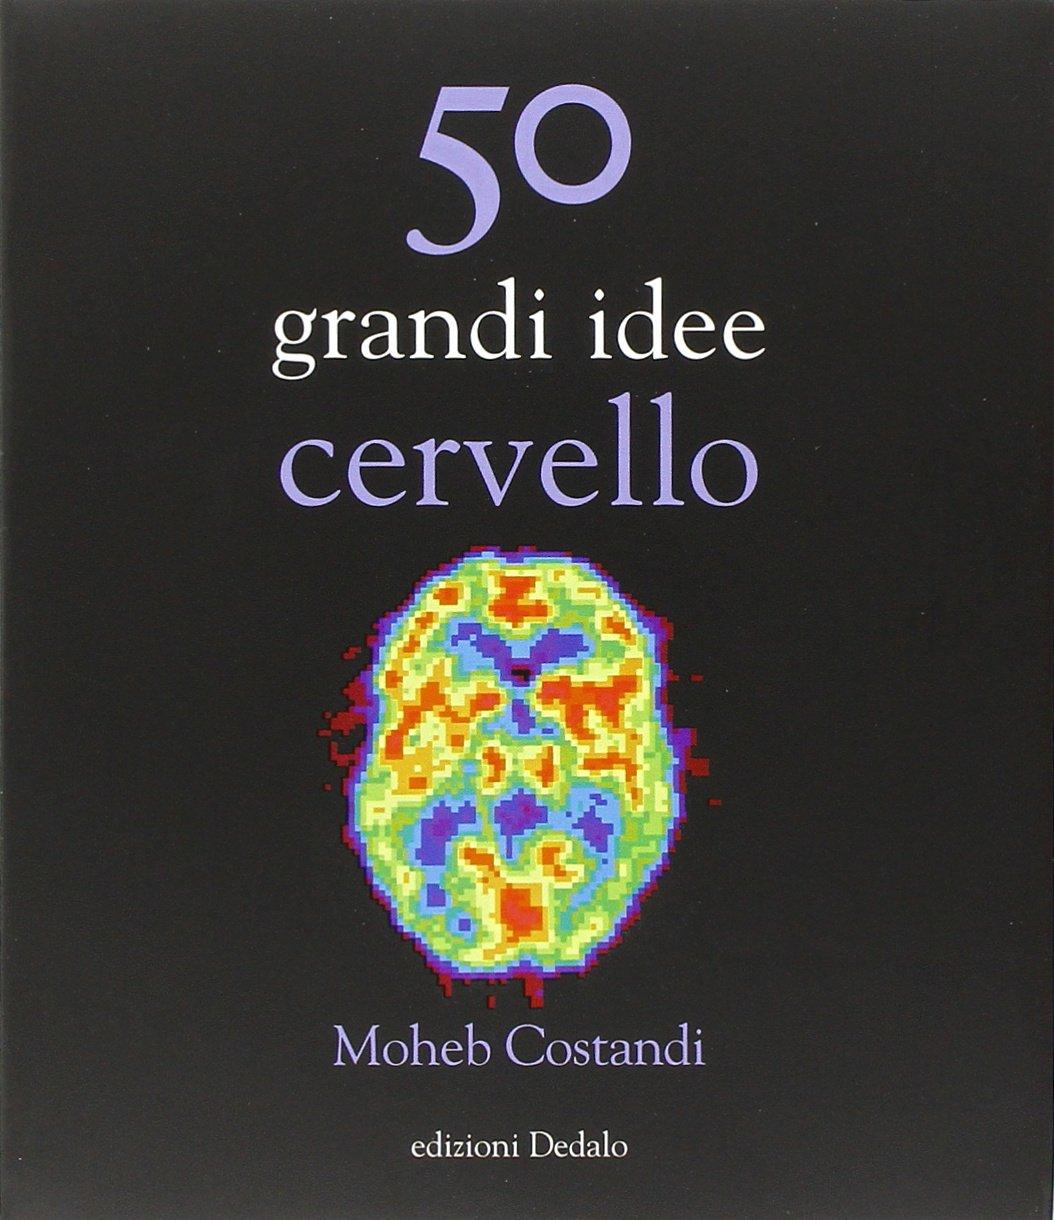 50 grandi idee